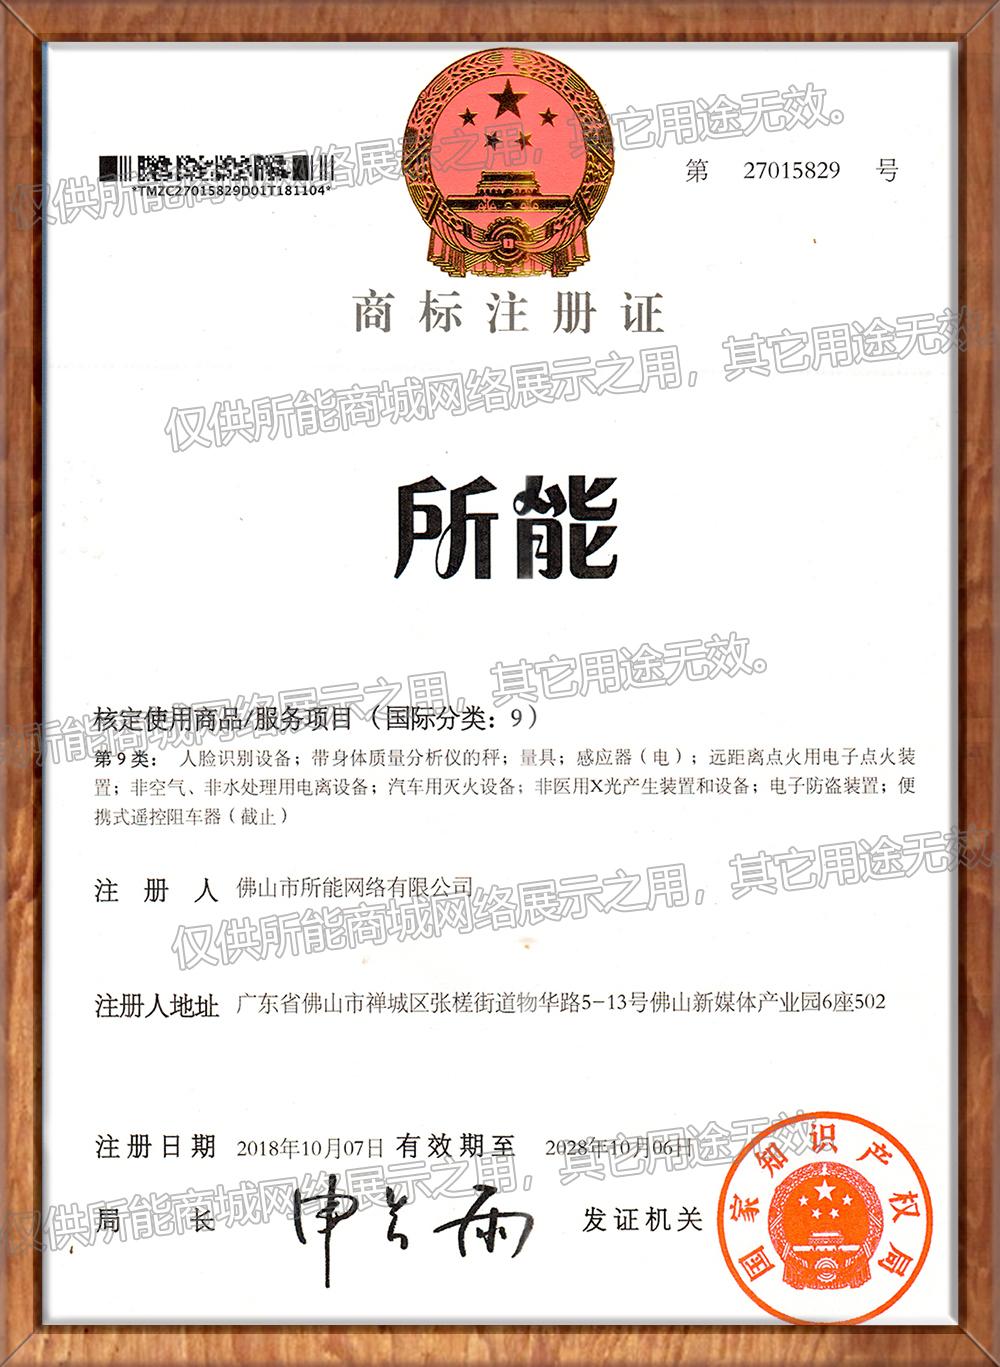 商标 -《所能国际分类:9》